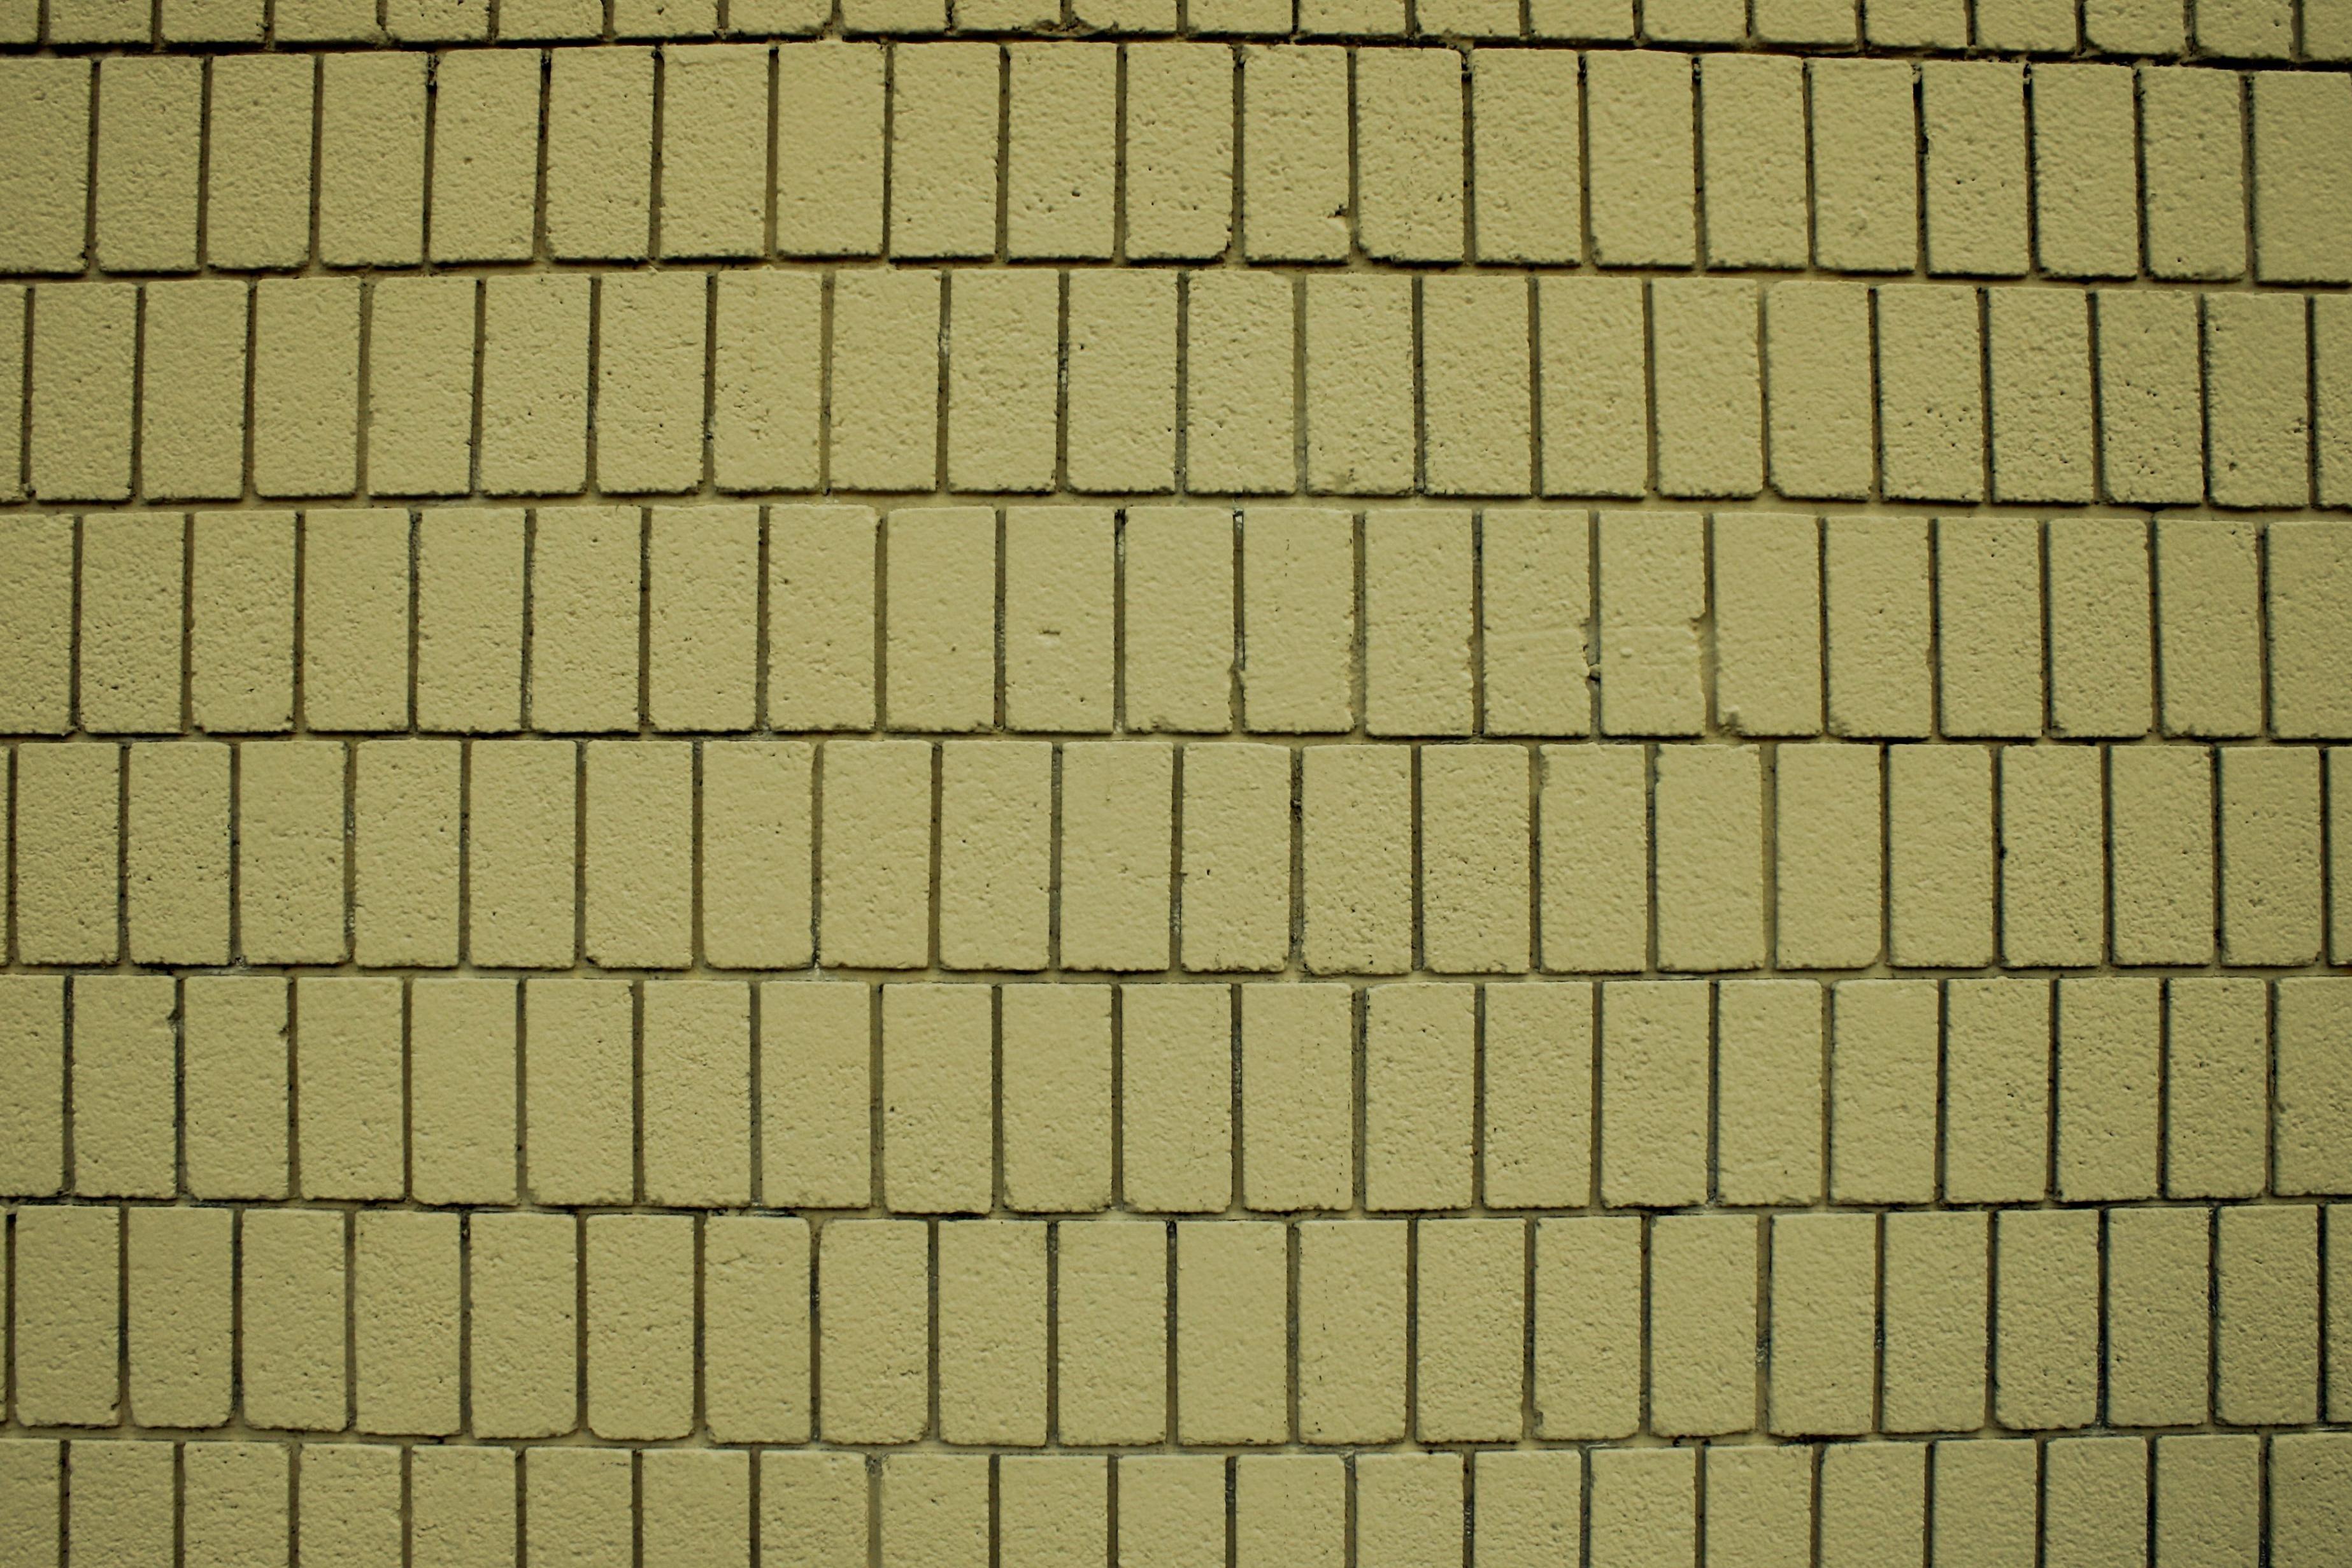 Imagen gratis ladrillos de color amarillo pared textura - Ladrillos de colores ...